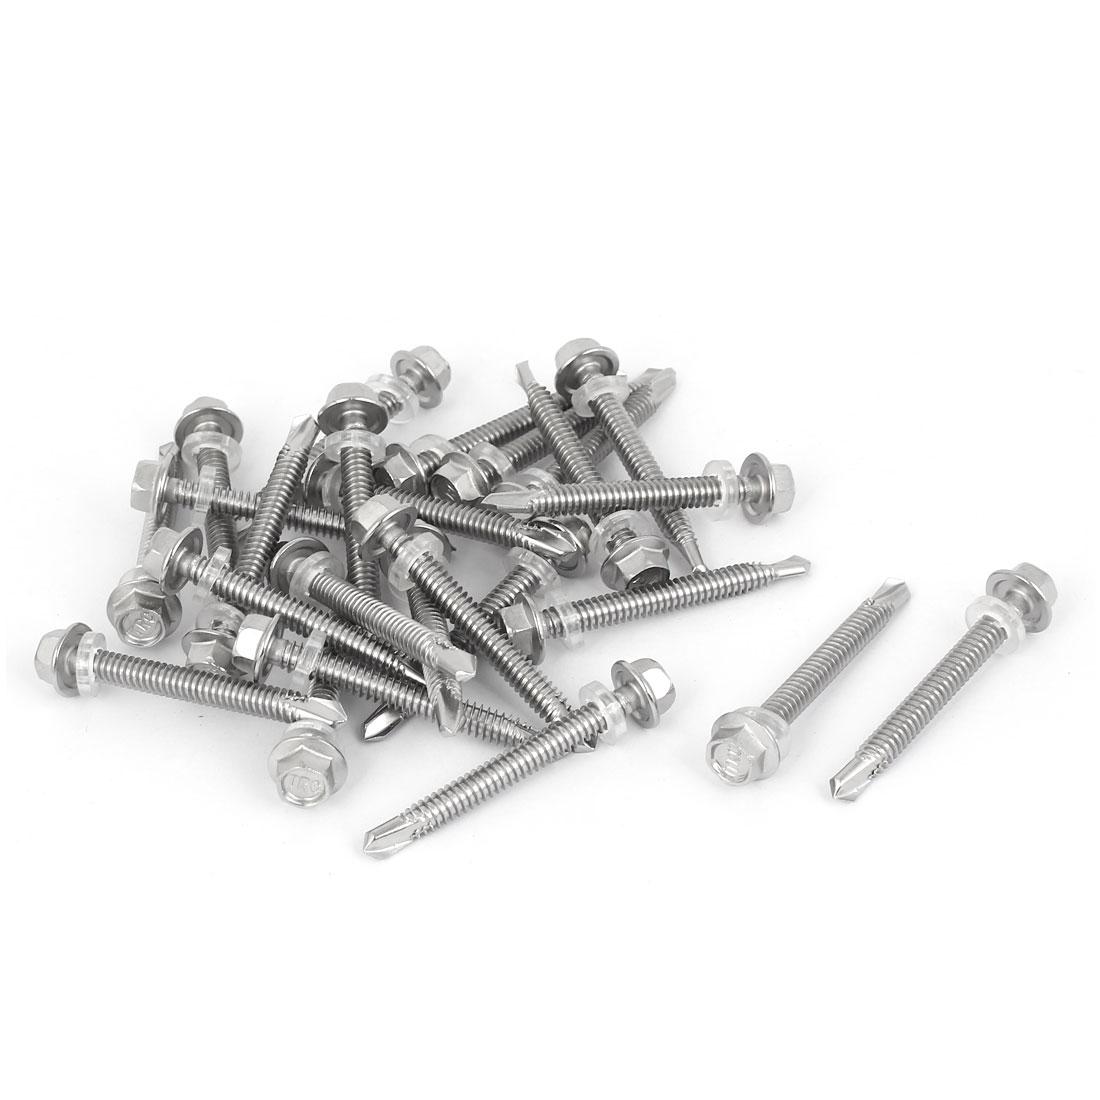 M5.5x50mm Thread Stainless Steel Hex Head Self Drilling Tek Screw w Washer 25PCS